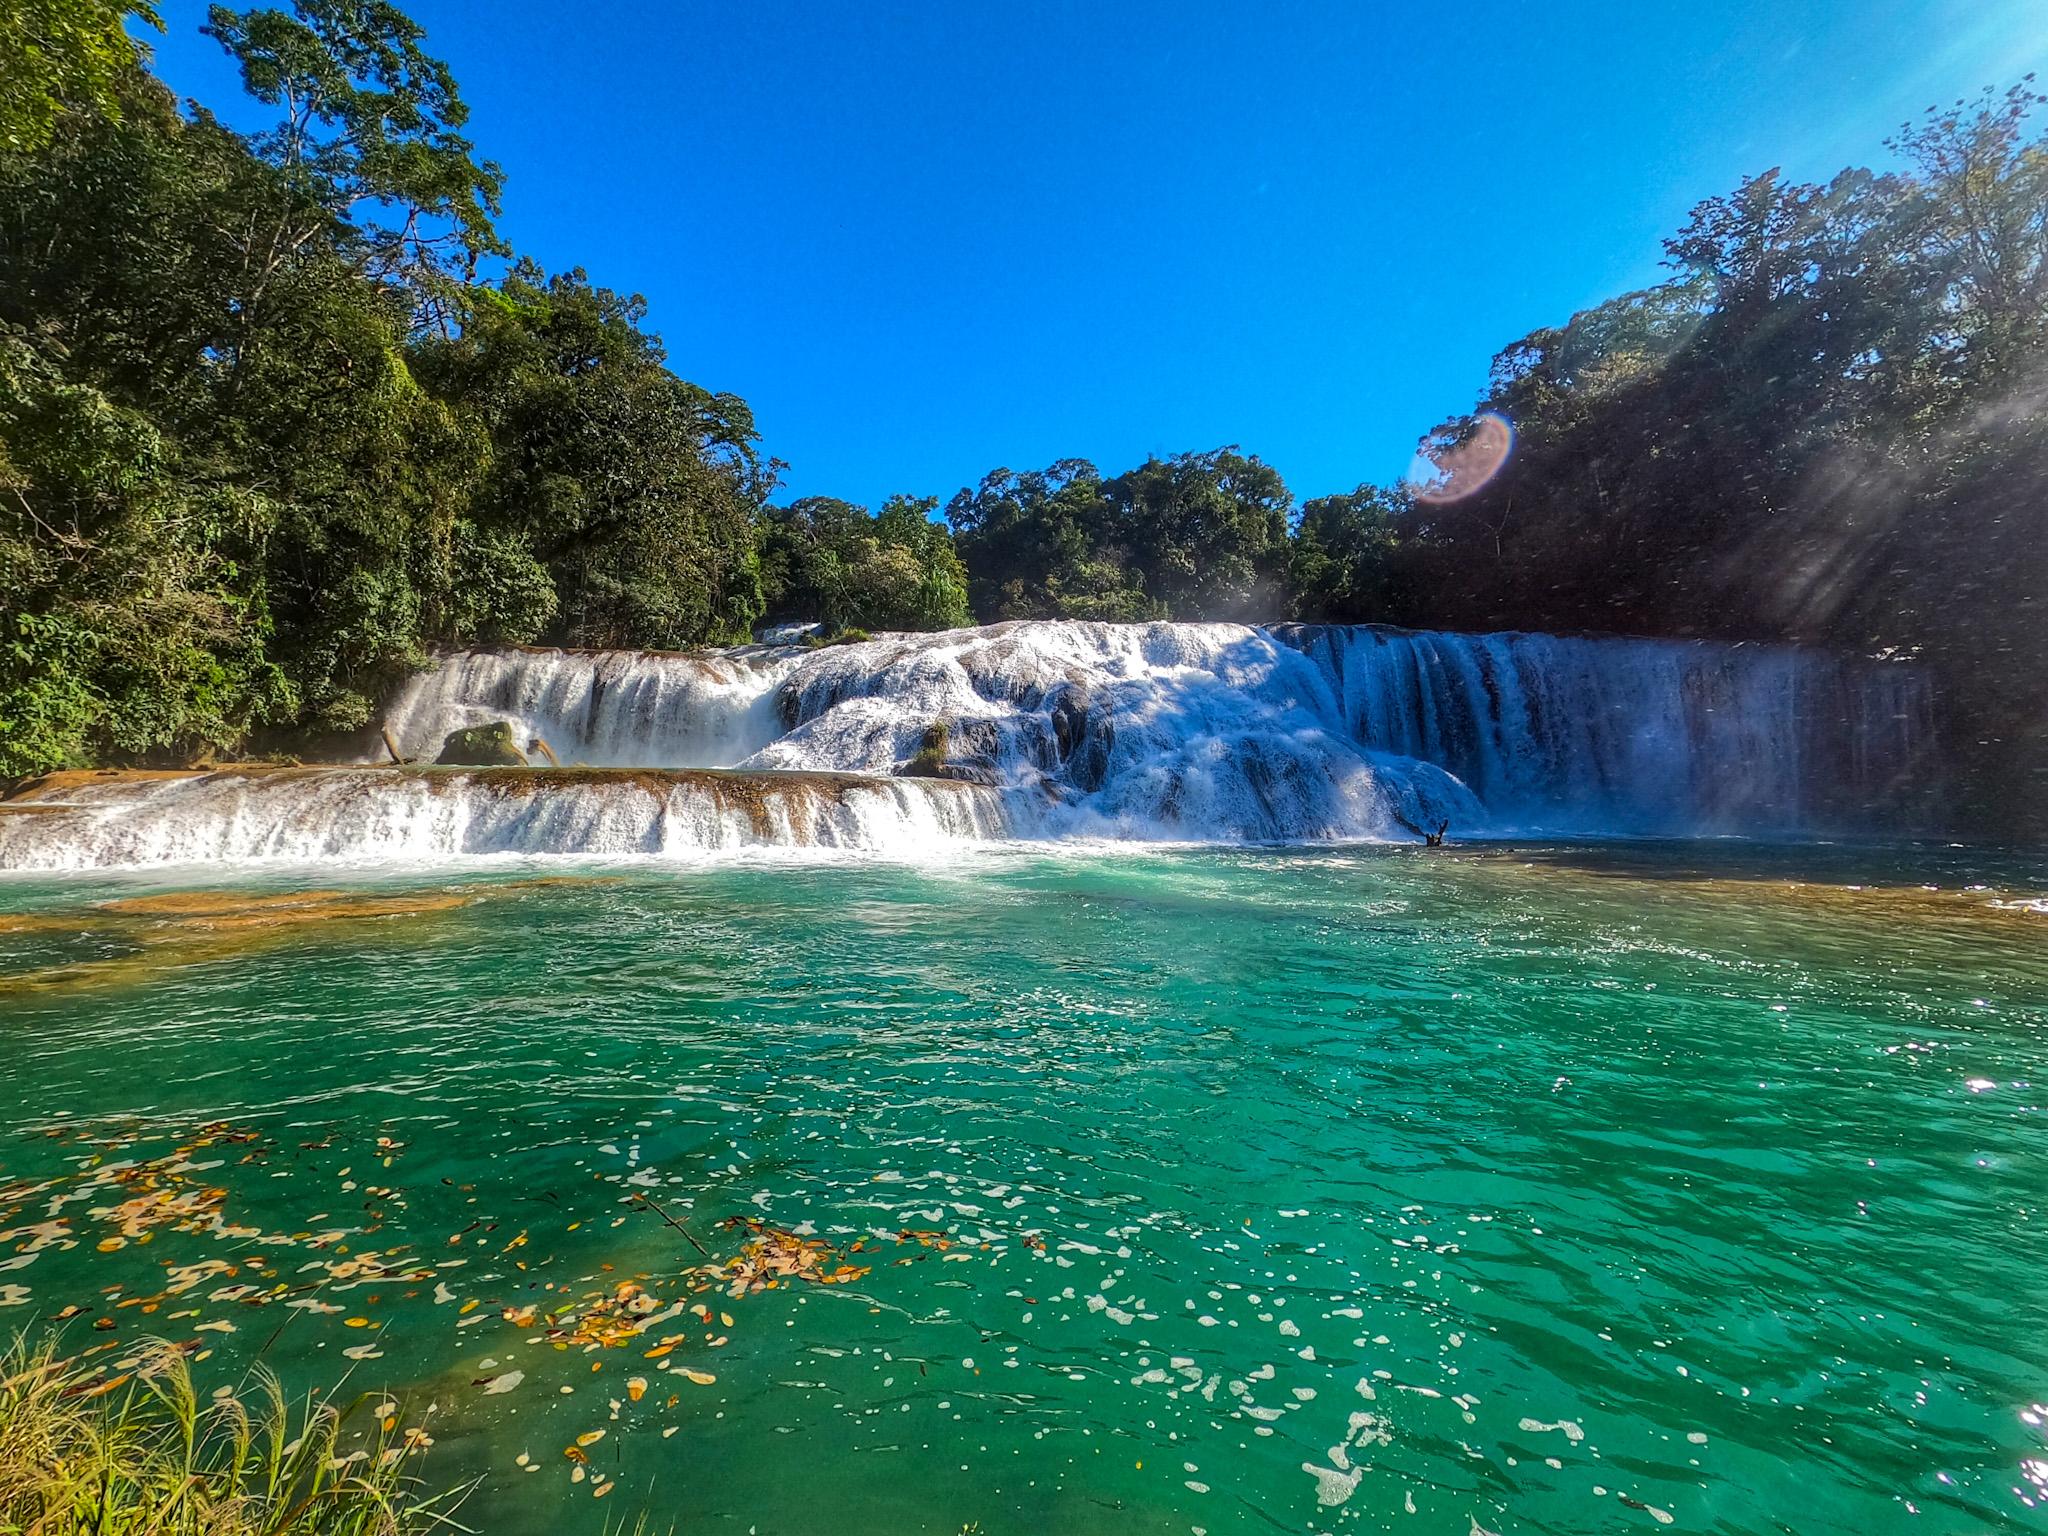 qué hacer en Palenque